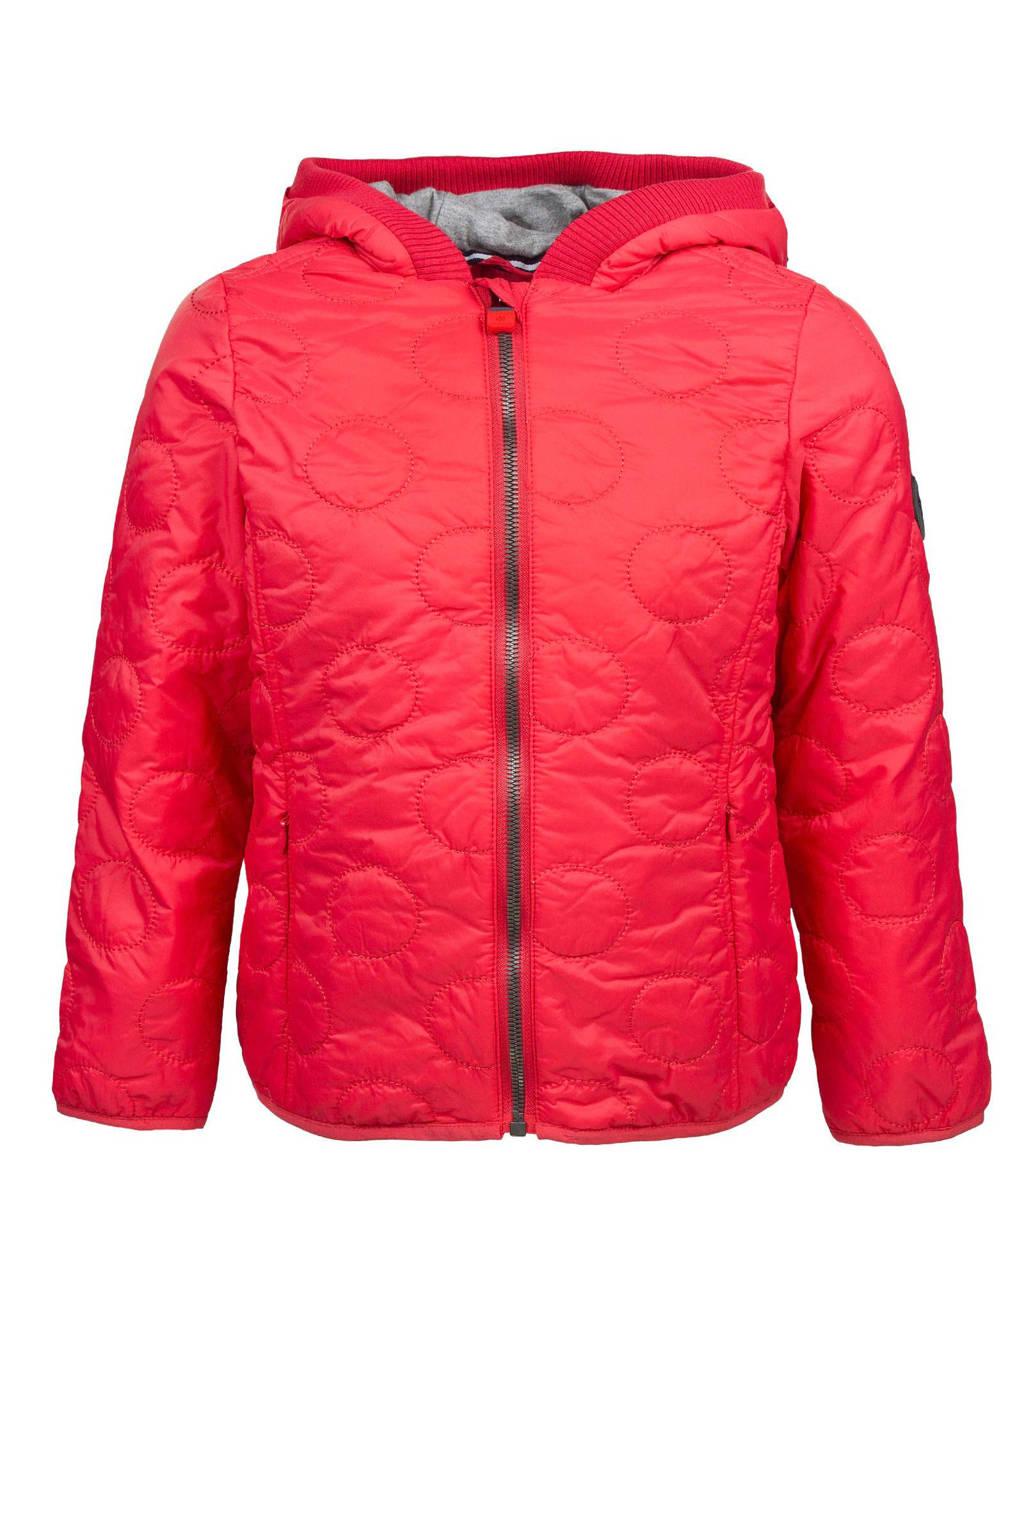 Marc O'Polo jas met gestikte rondjes roze, Roze